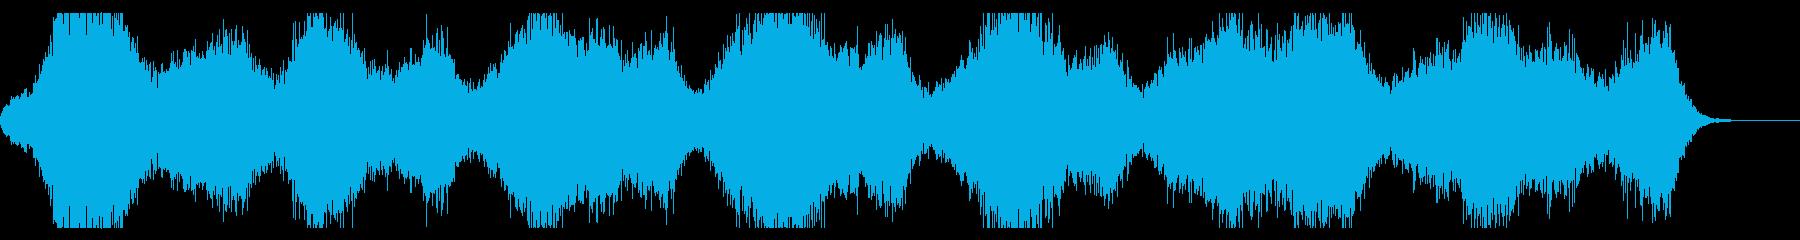 ミステリアス、幻想的なダークアンビエントの再生済みの波形